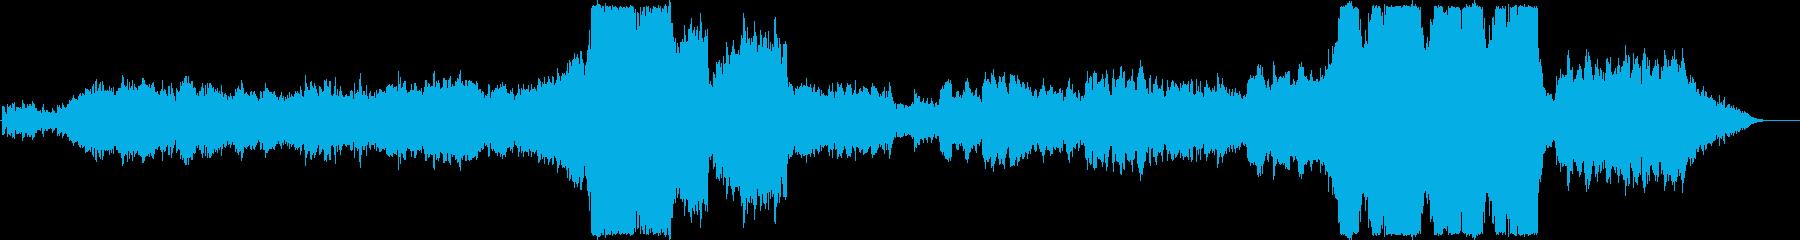 緩急のある神秘的なオーケストラBGMの再生済みの波形